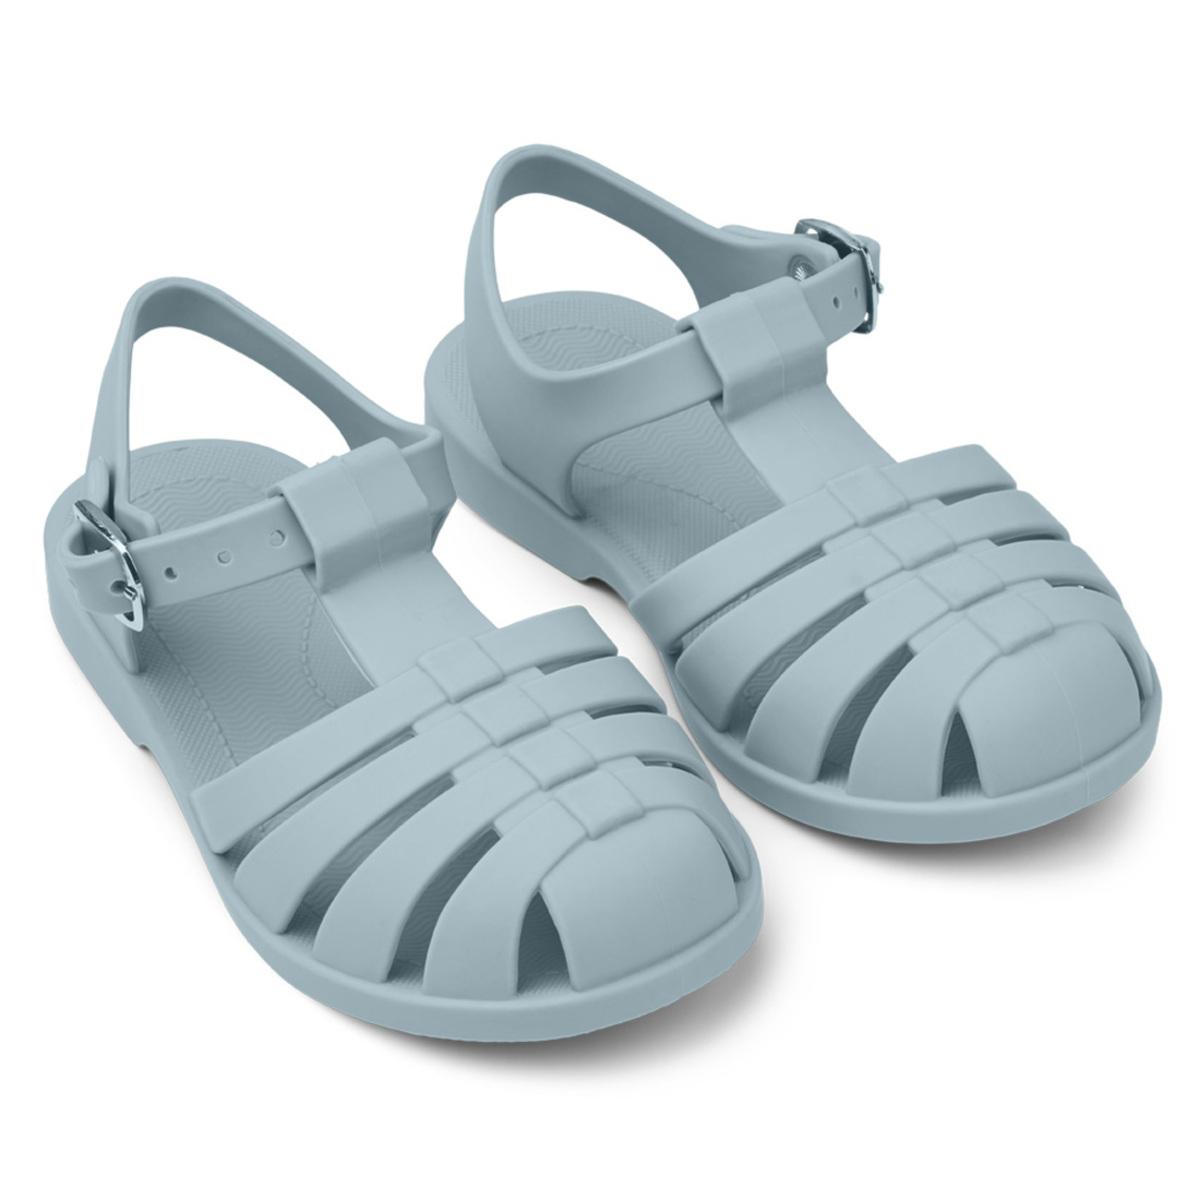 Chaussons & Chaussures Sandales Bre Sea Blue - 23 Sandales Bre Sea Blue - 23